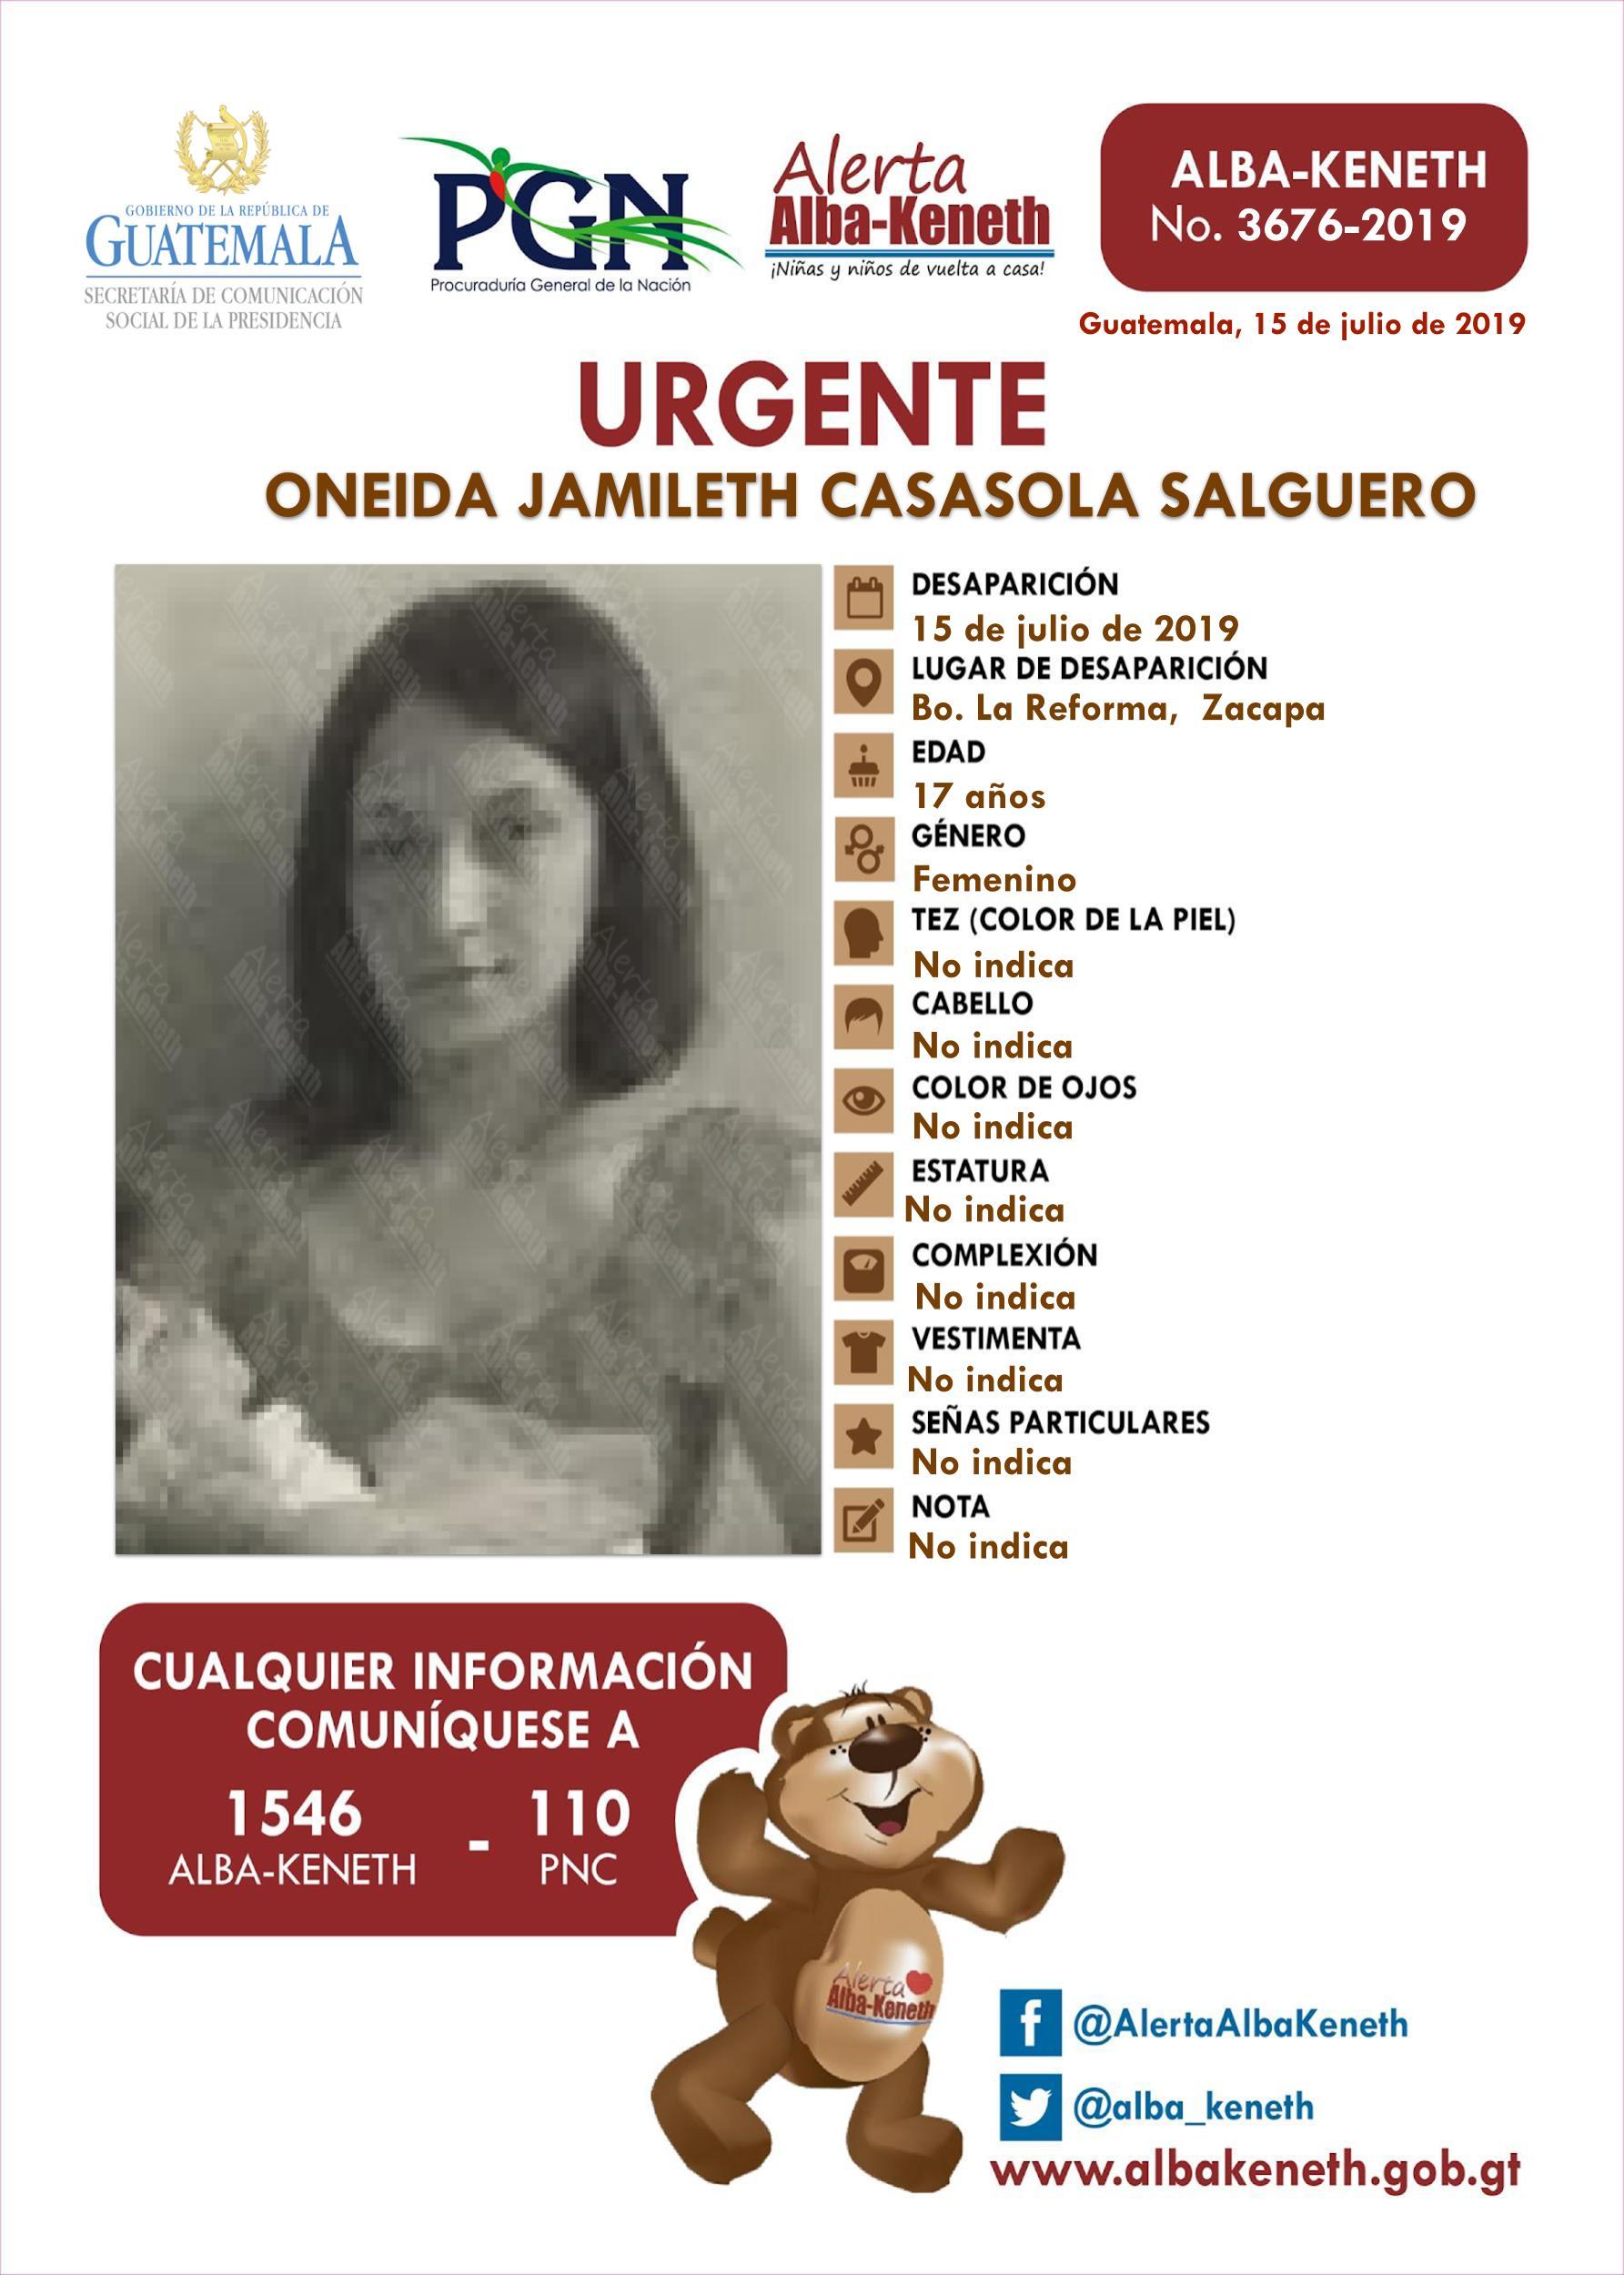 Oneida Jamileth Casasola Salguero